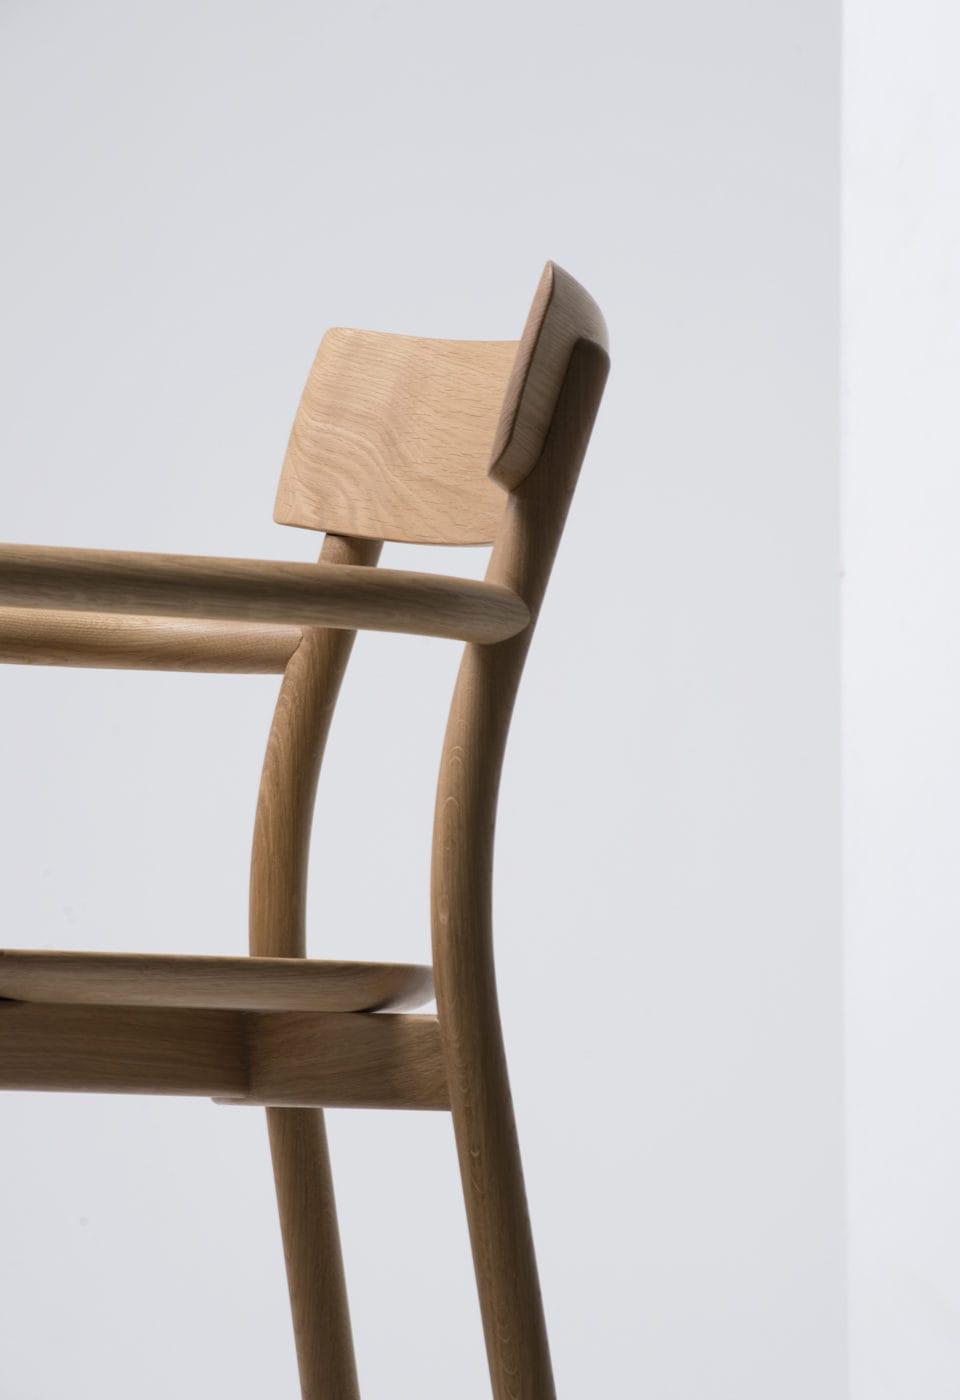 Mc8 Chiaro Chair By Leon Ransmeier For Mattiazzi